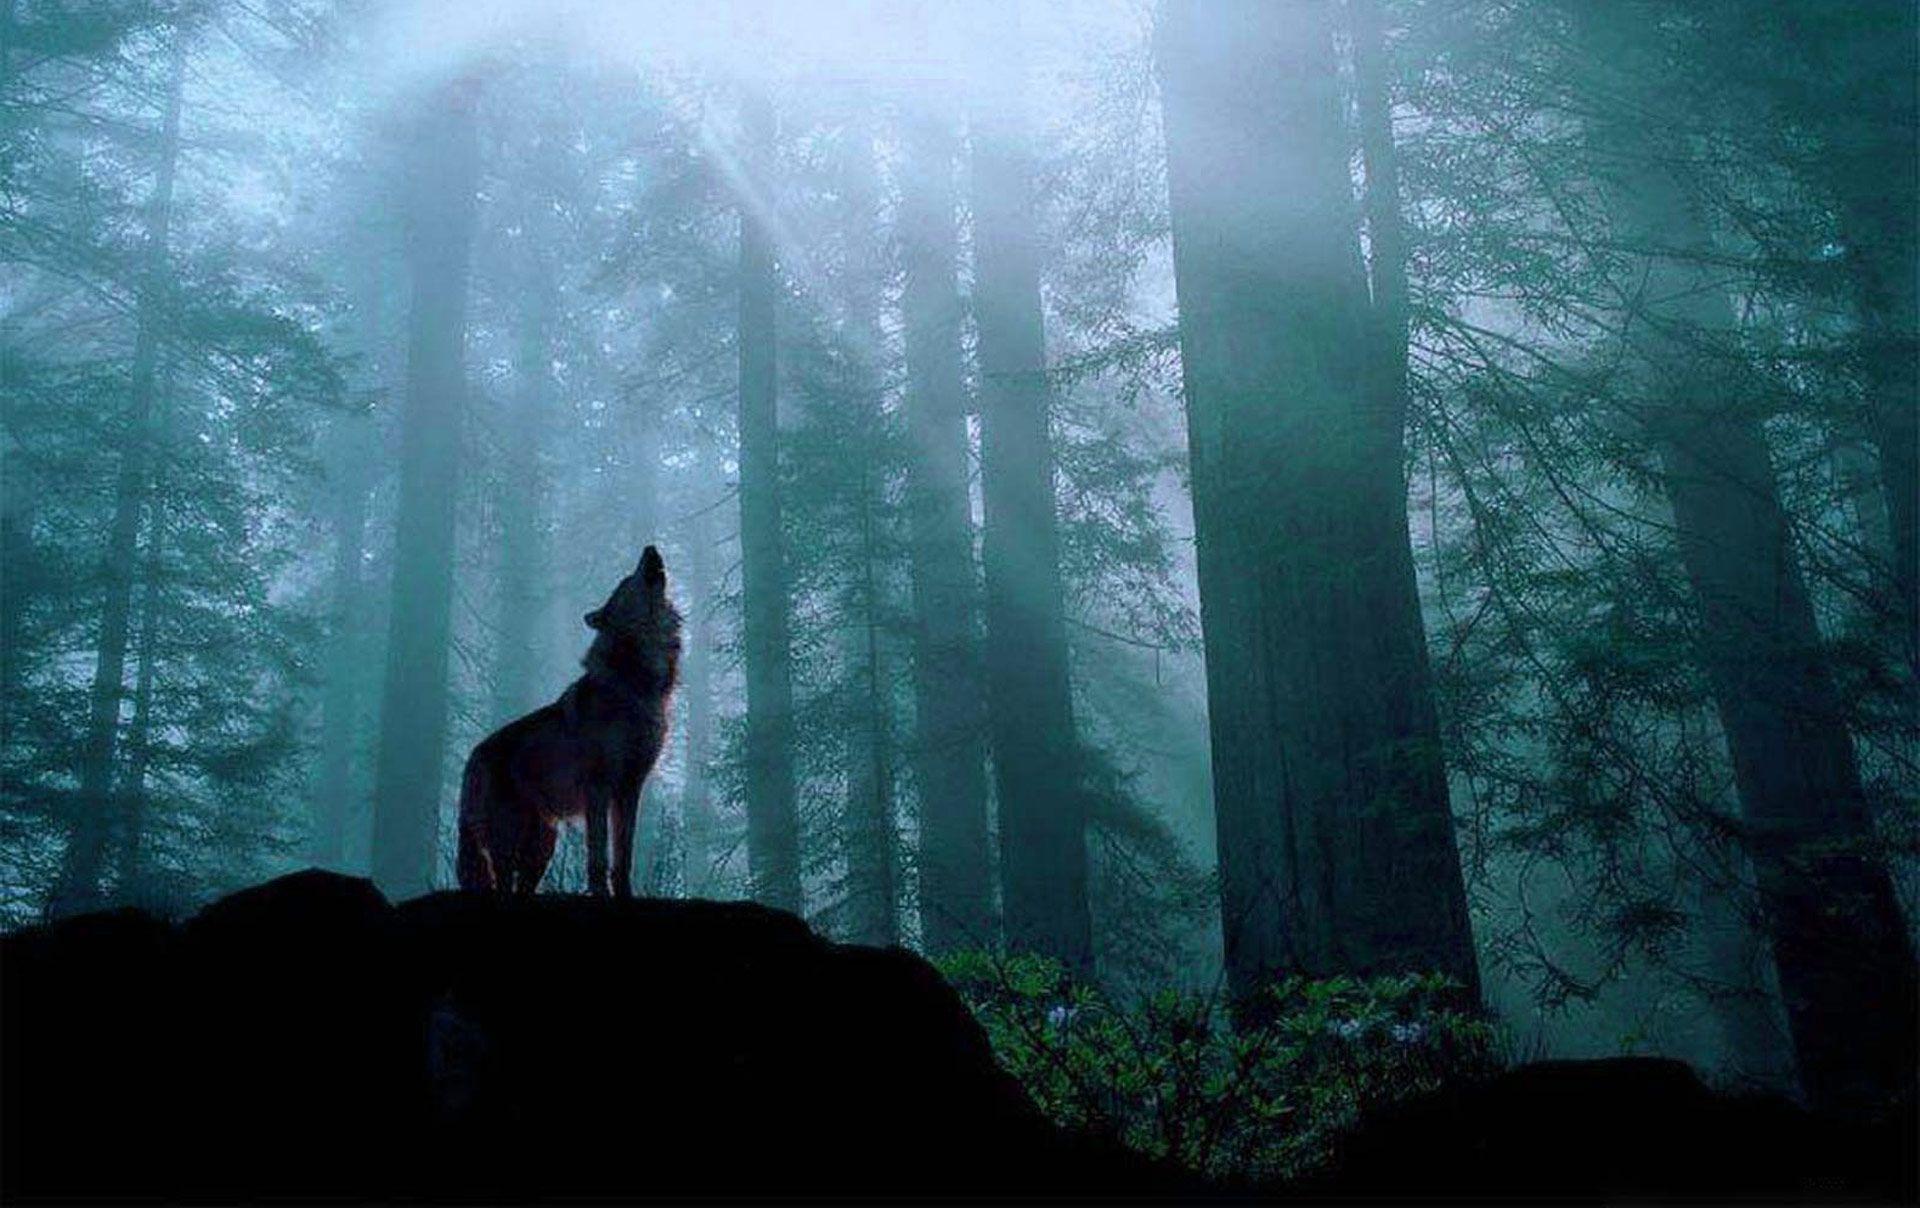 Fondo Pantalla Lobo En Bosque Bosque De Noche Imagenes De Lobos Fotos De Lobo